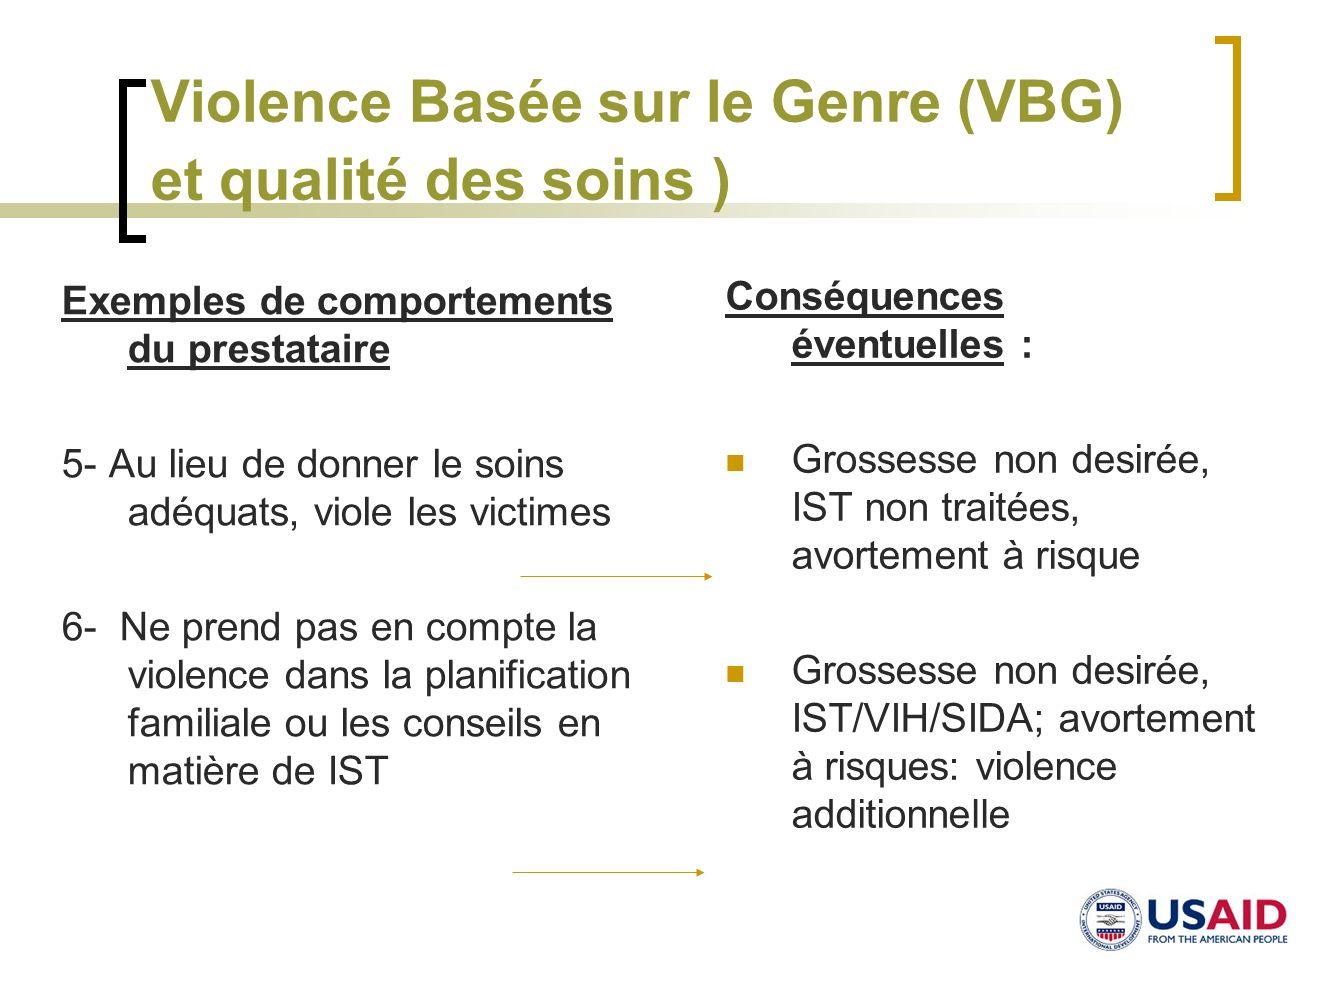 VBG et qualité des soins Mettre laccent sur quatre approches à la VBG dans les secteurs de SR/VIH : CCC, mobilisation communautaire, prestation de services, politique.